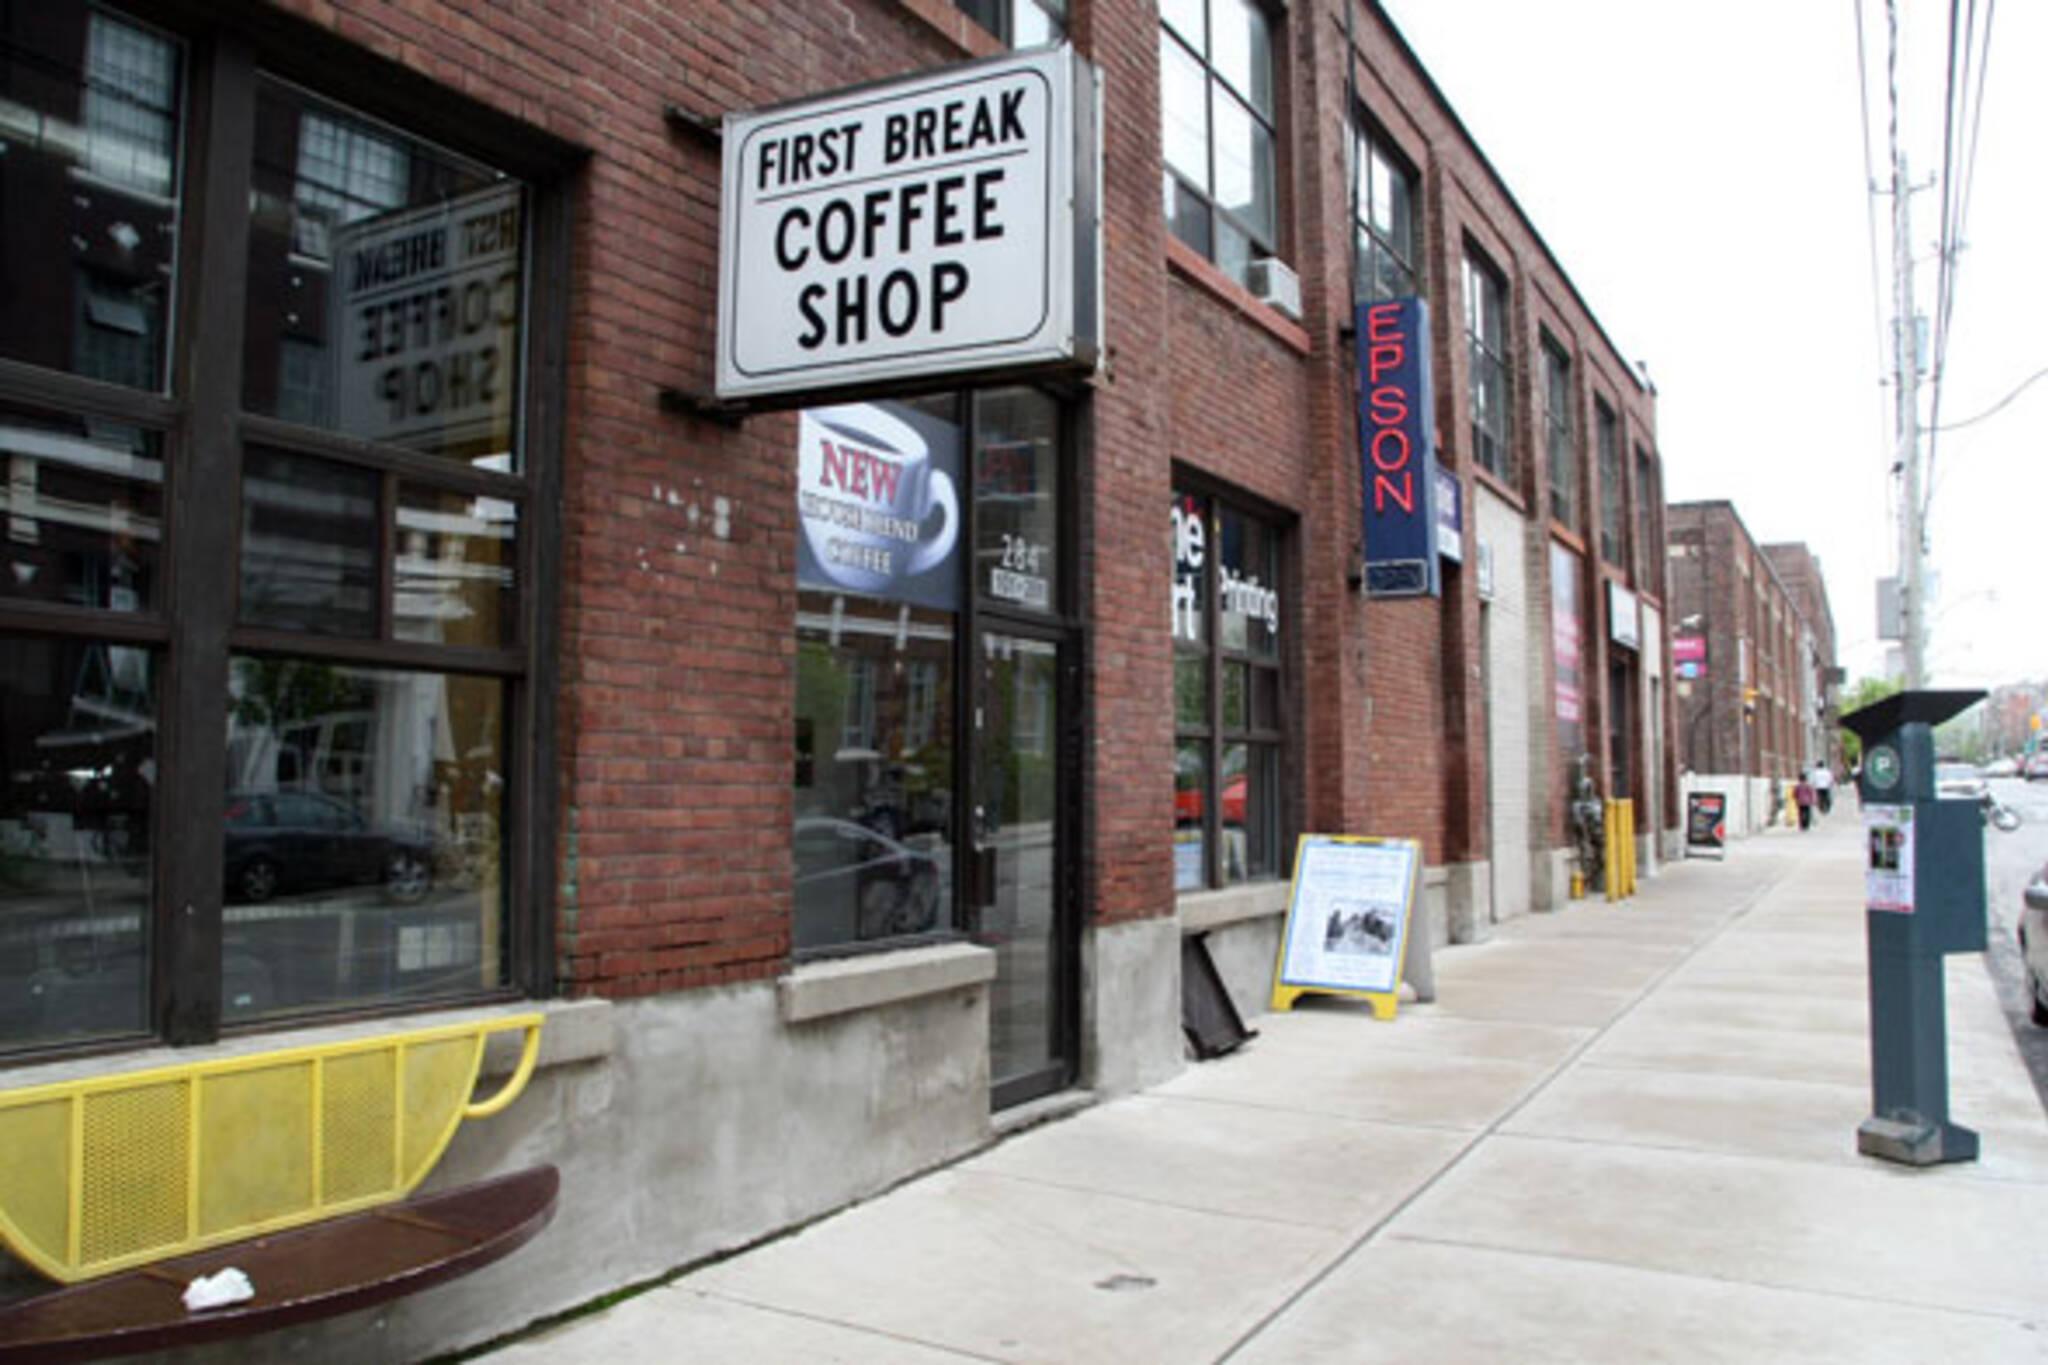 First Break Coffee